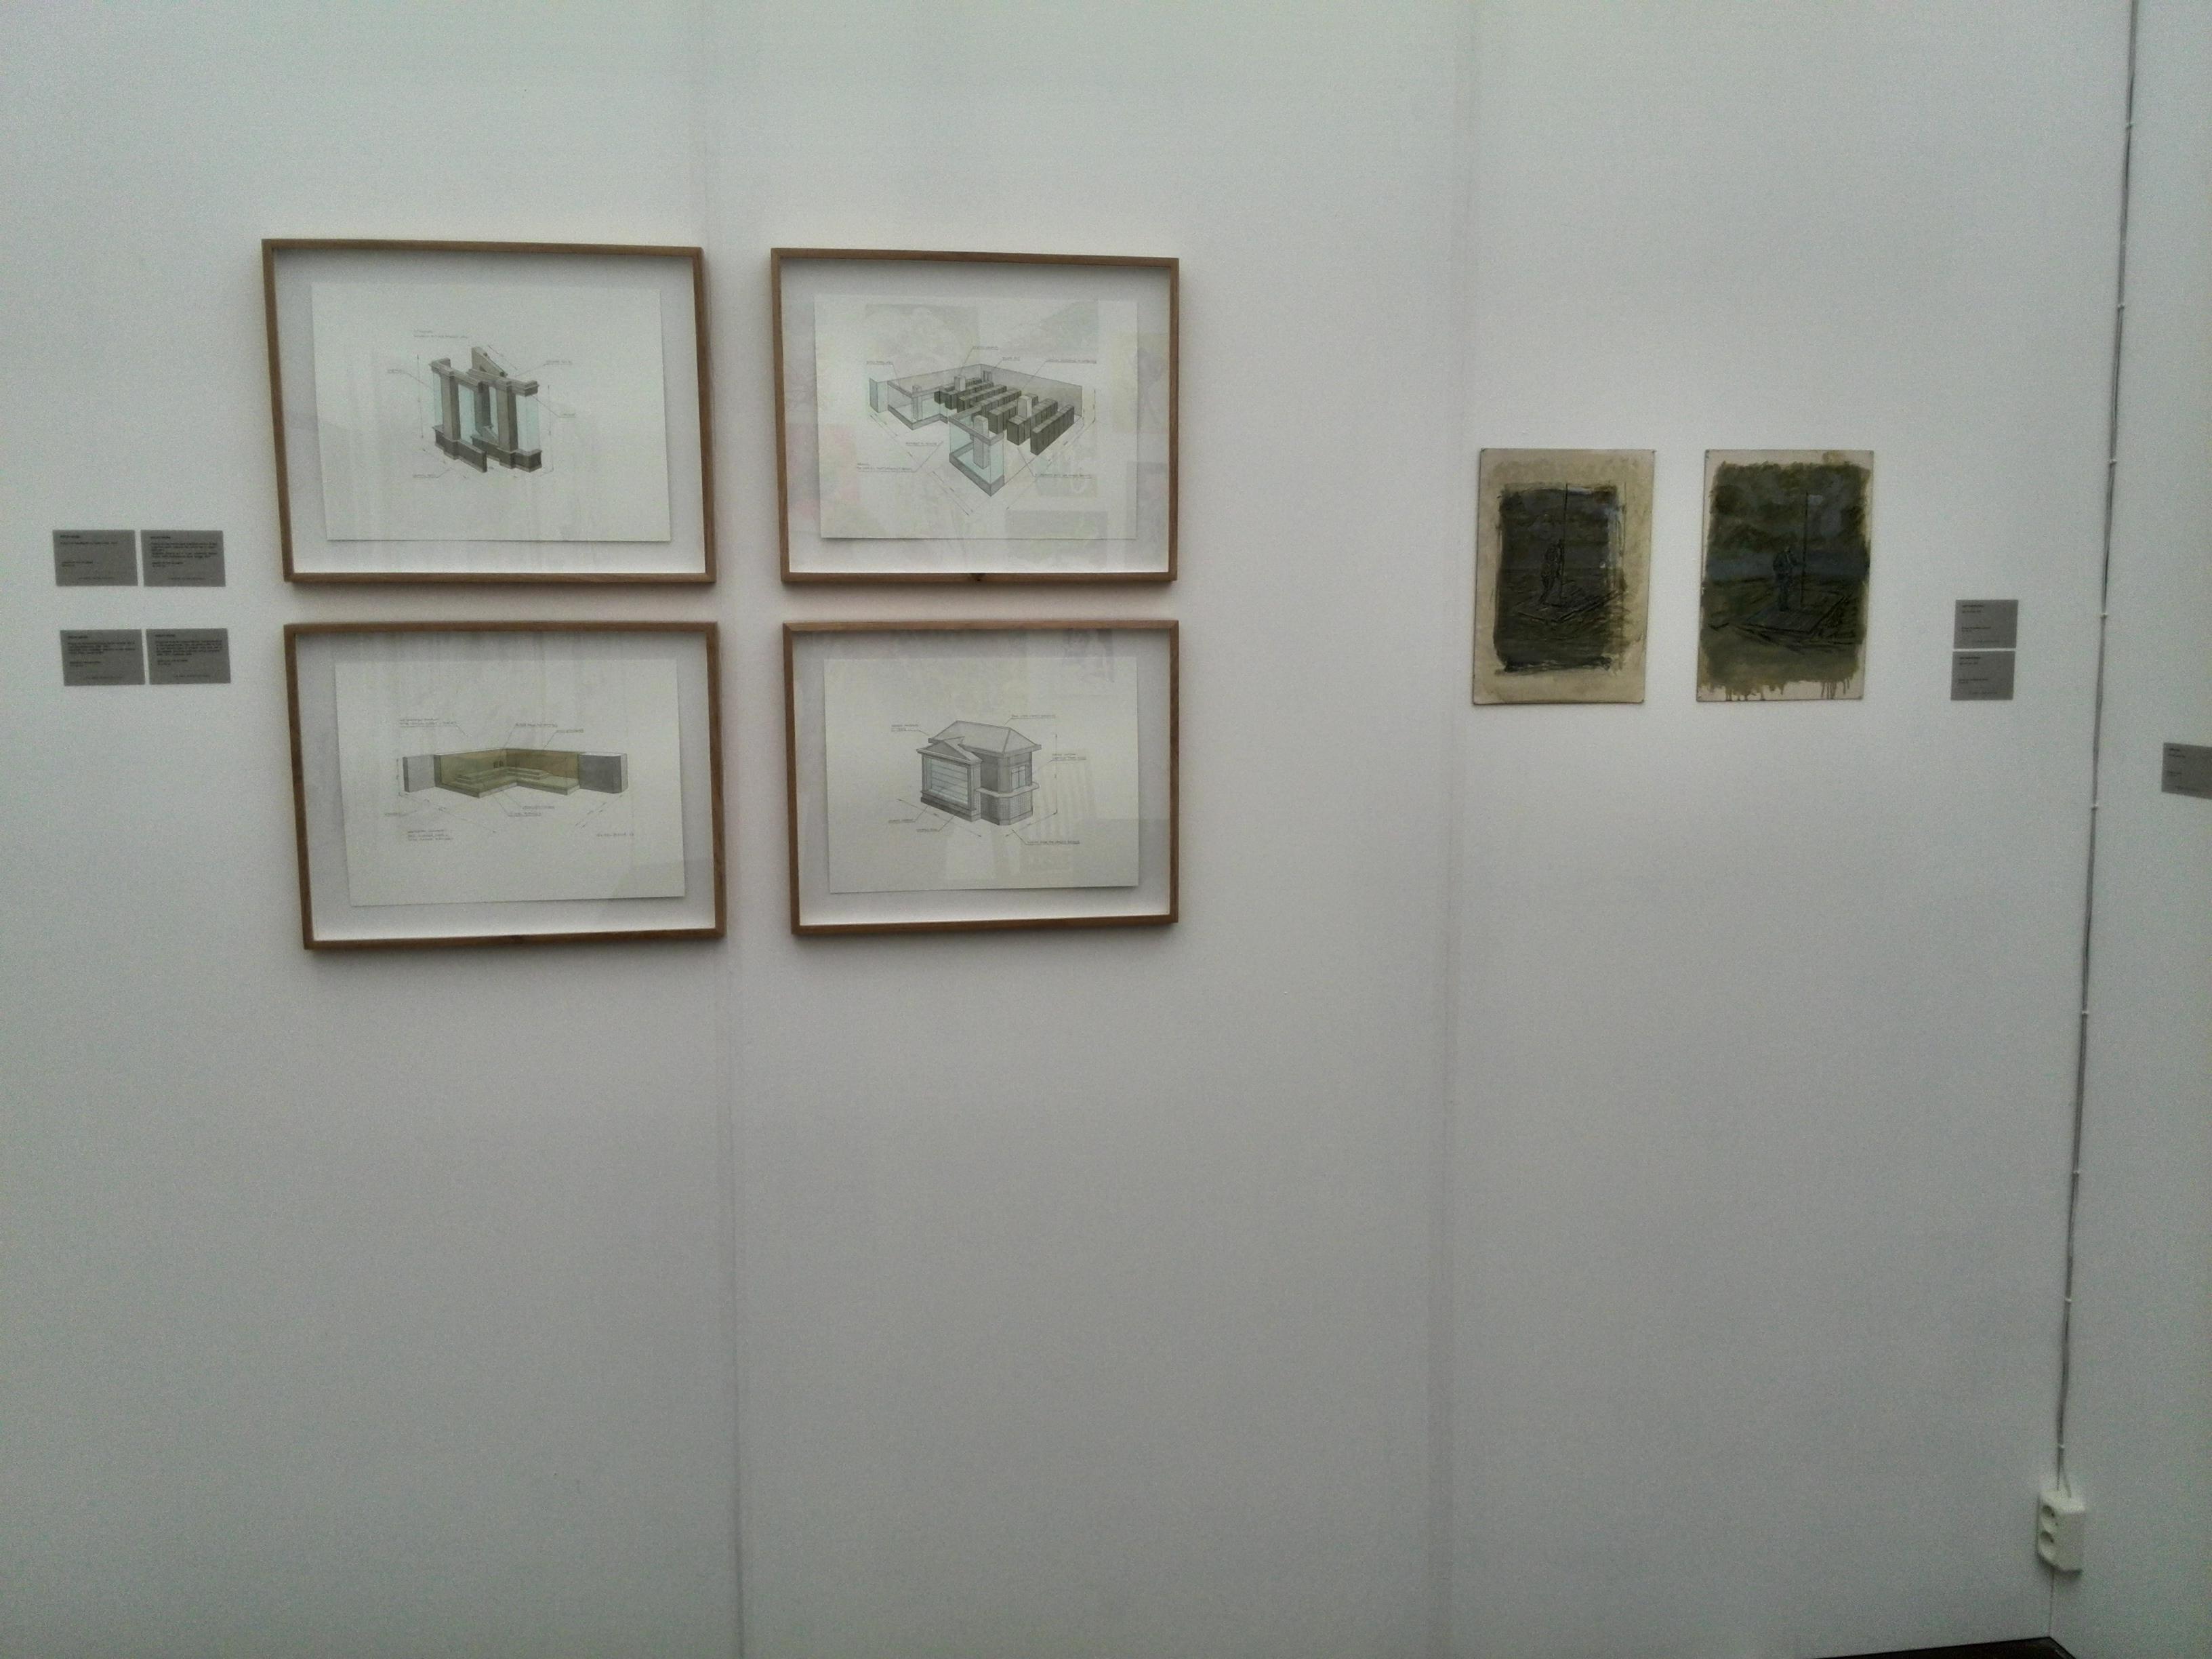 amsterdam drawing - marc vanderleenen - meuris